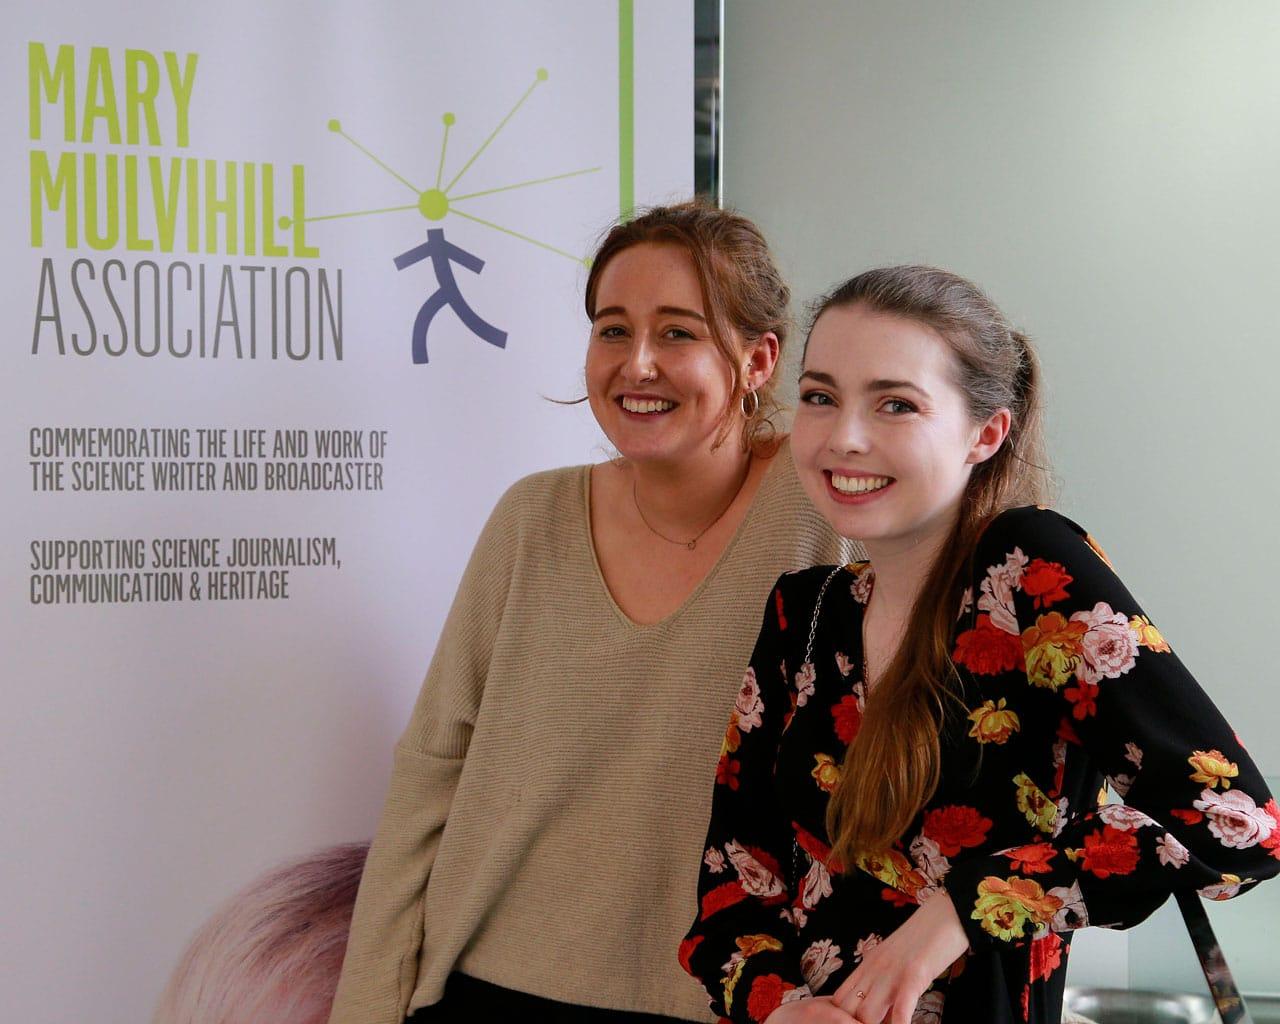 2019 Mary Mulvihill Award Winners Emily Sheridan and Laura Katharine Finnegan